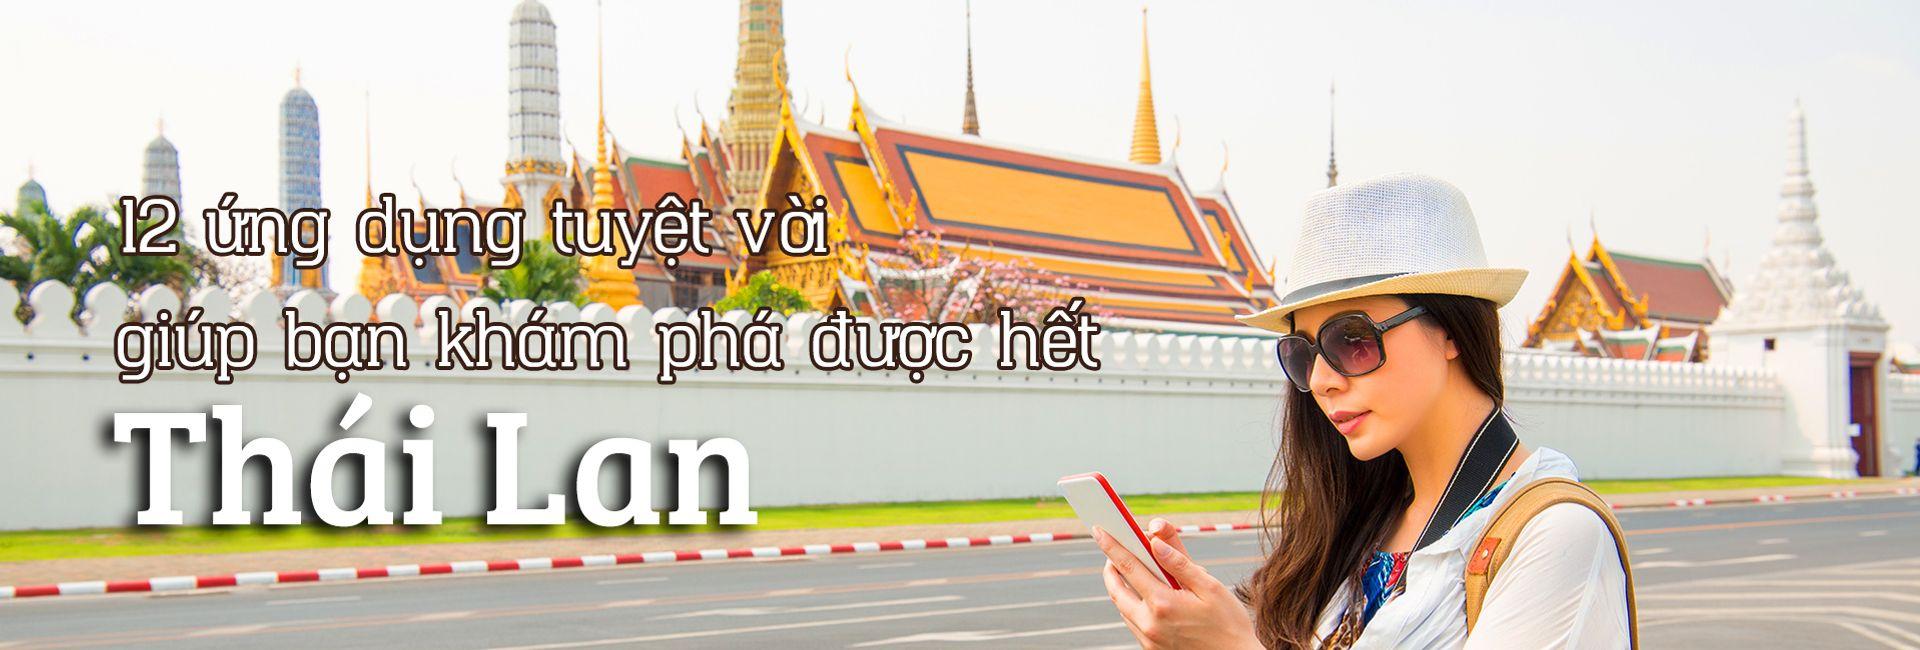 Top 12 ứng dụng tuyệt vời khi du lịch Thái Lan